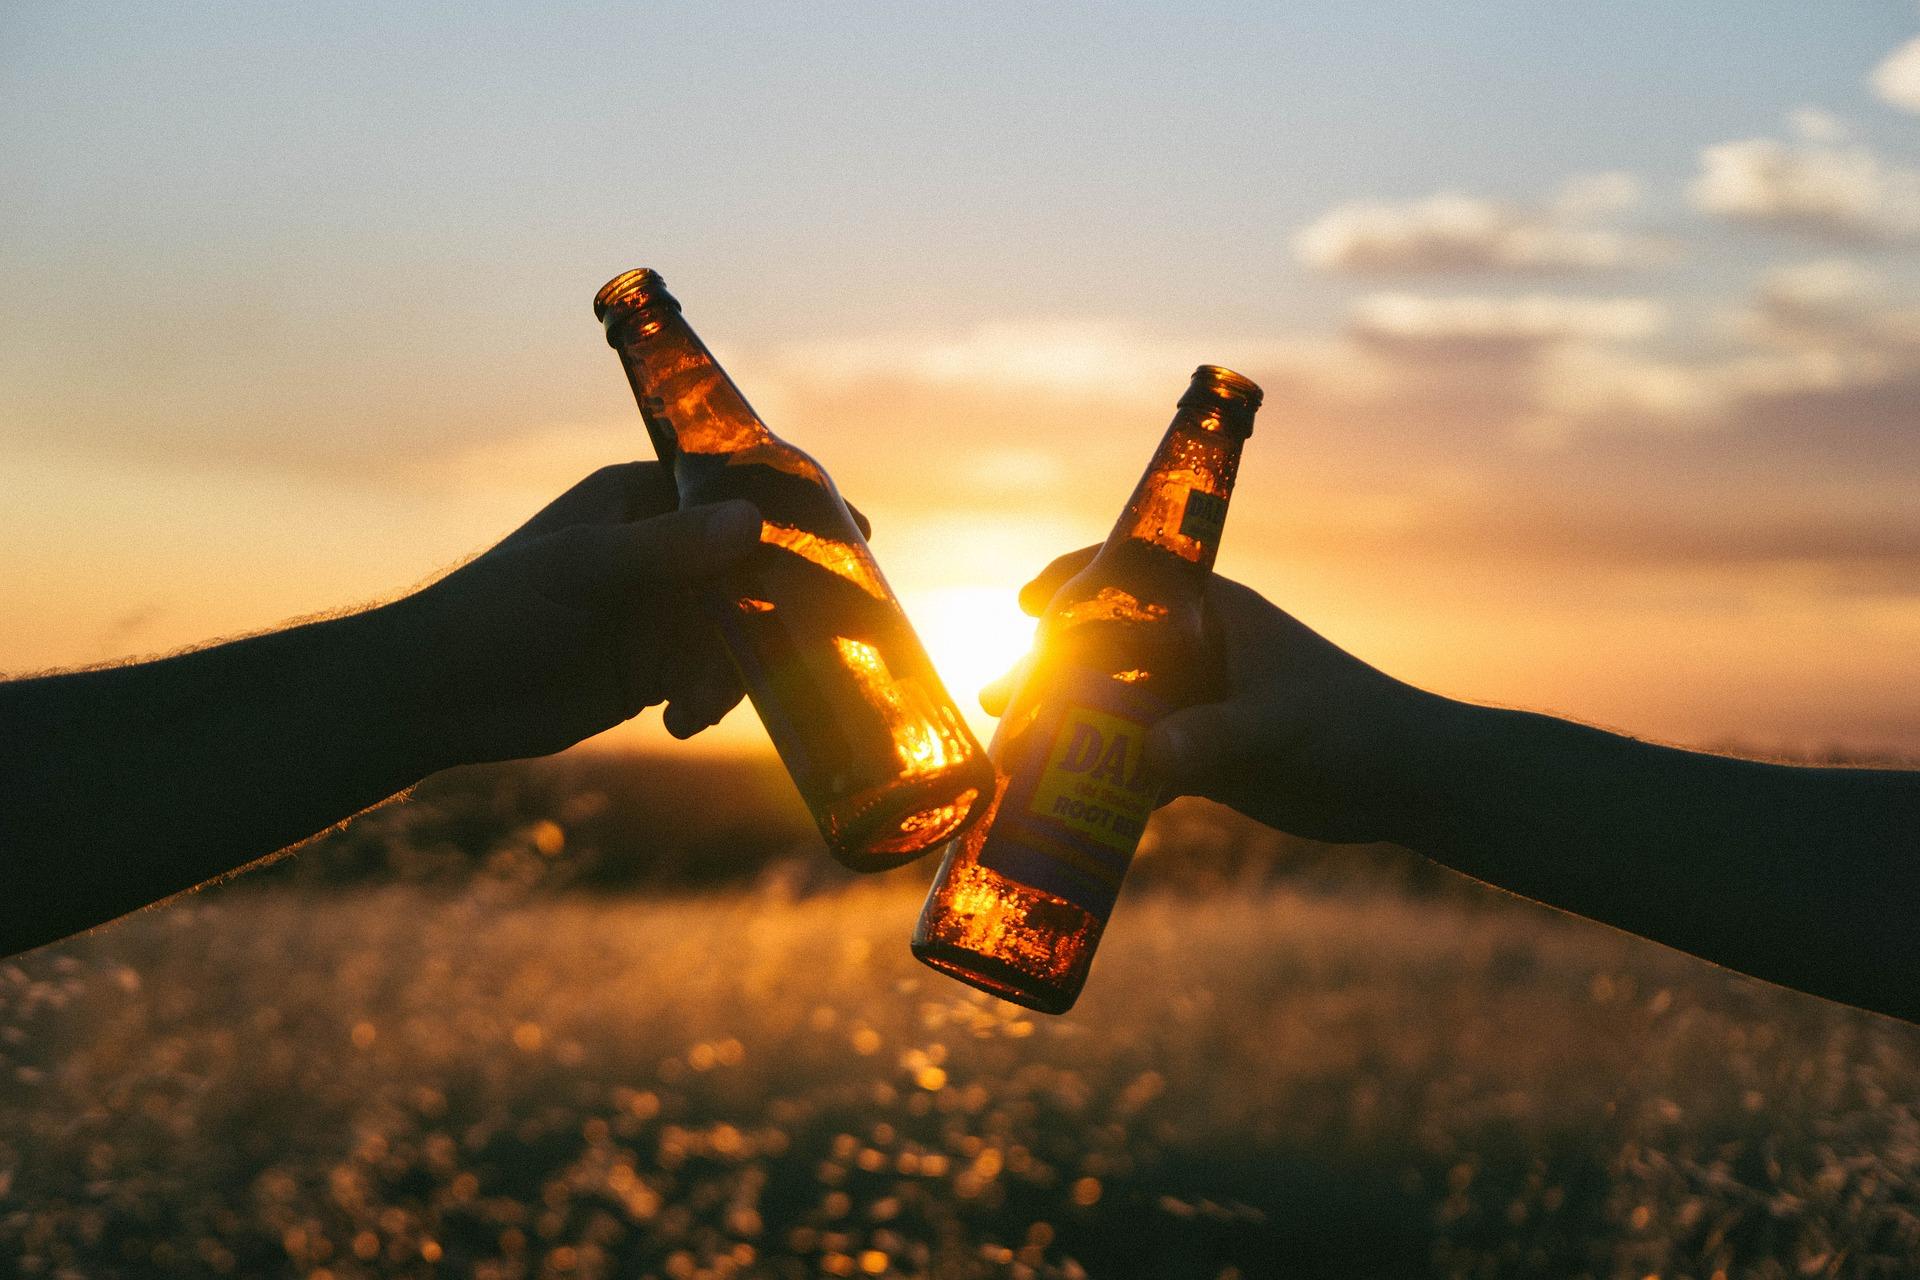 Τοστ, φιλία, μπύρα, ζευγάρι, Χαλαρώστε - Wallpapers HD - Professor-falken.com